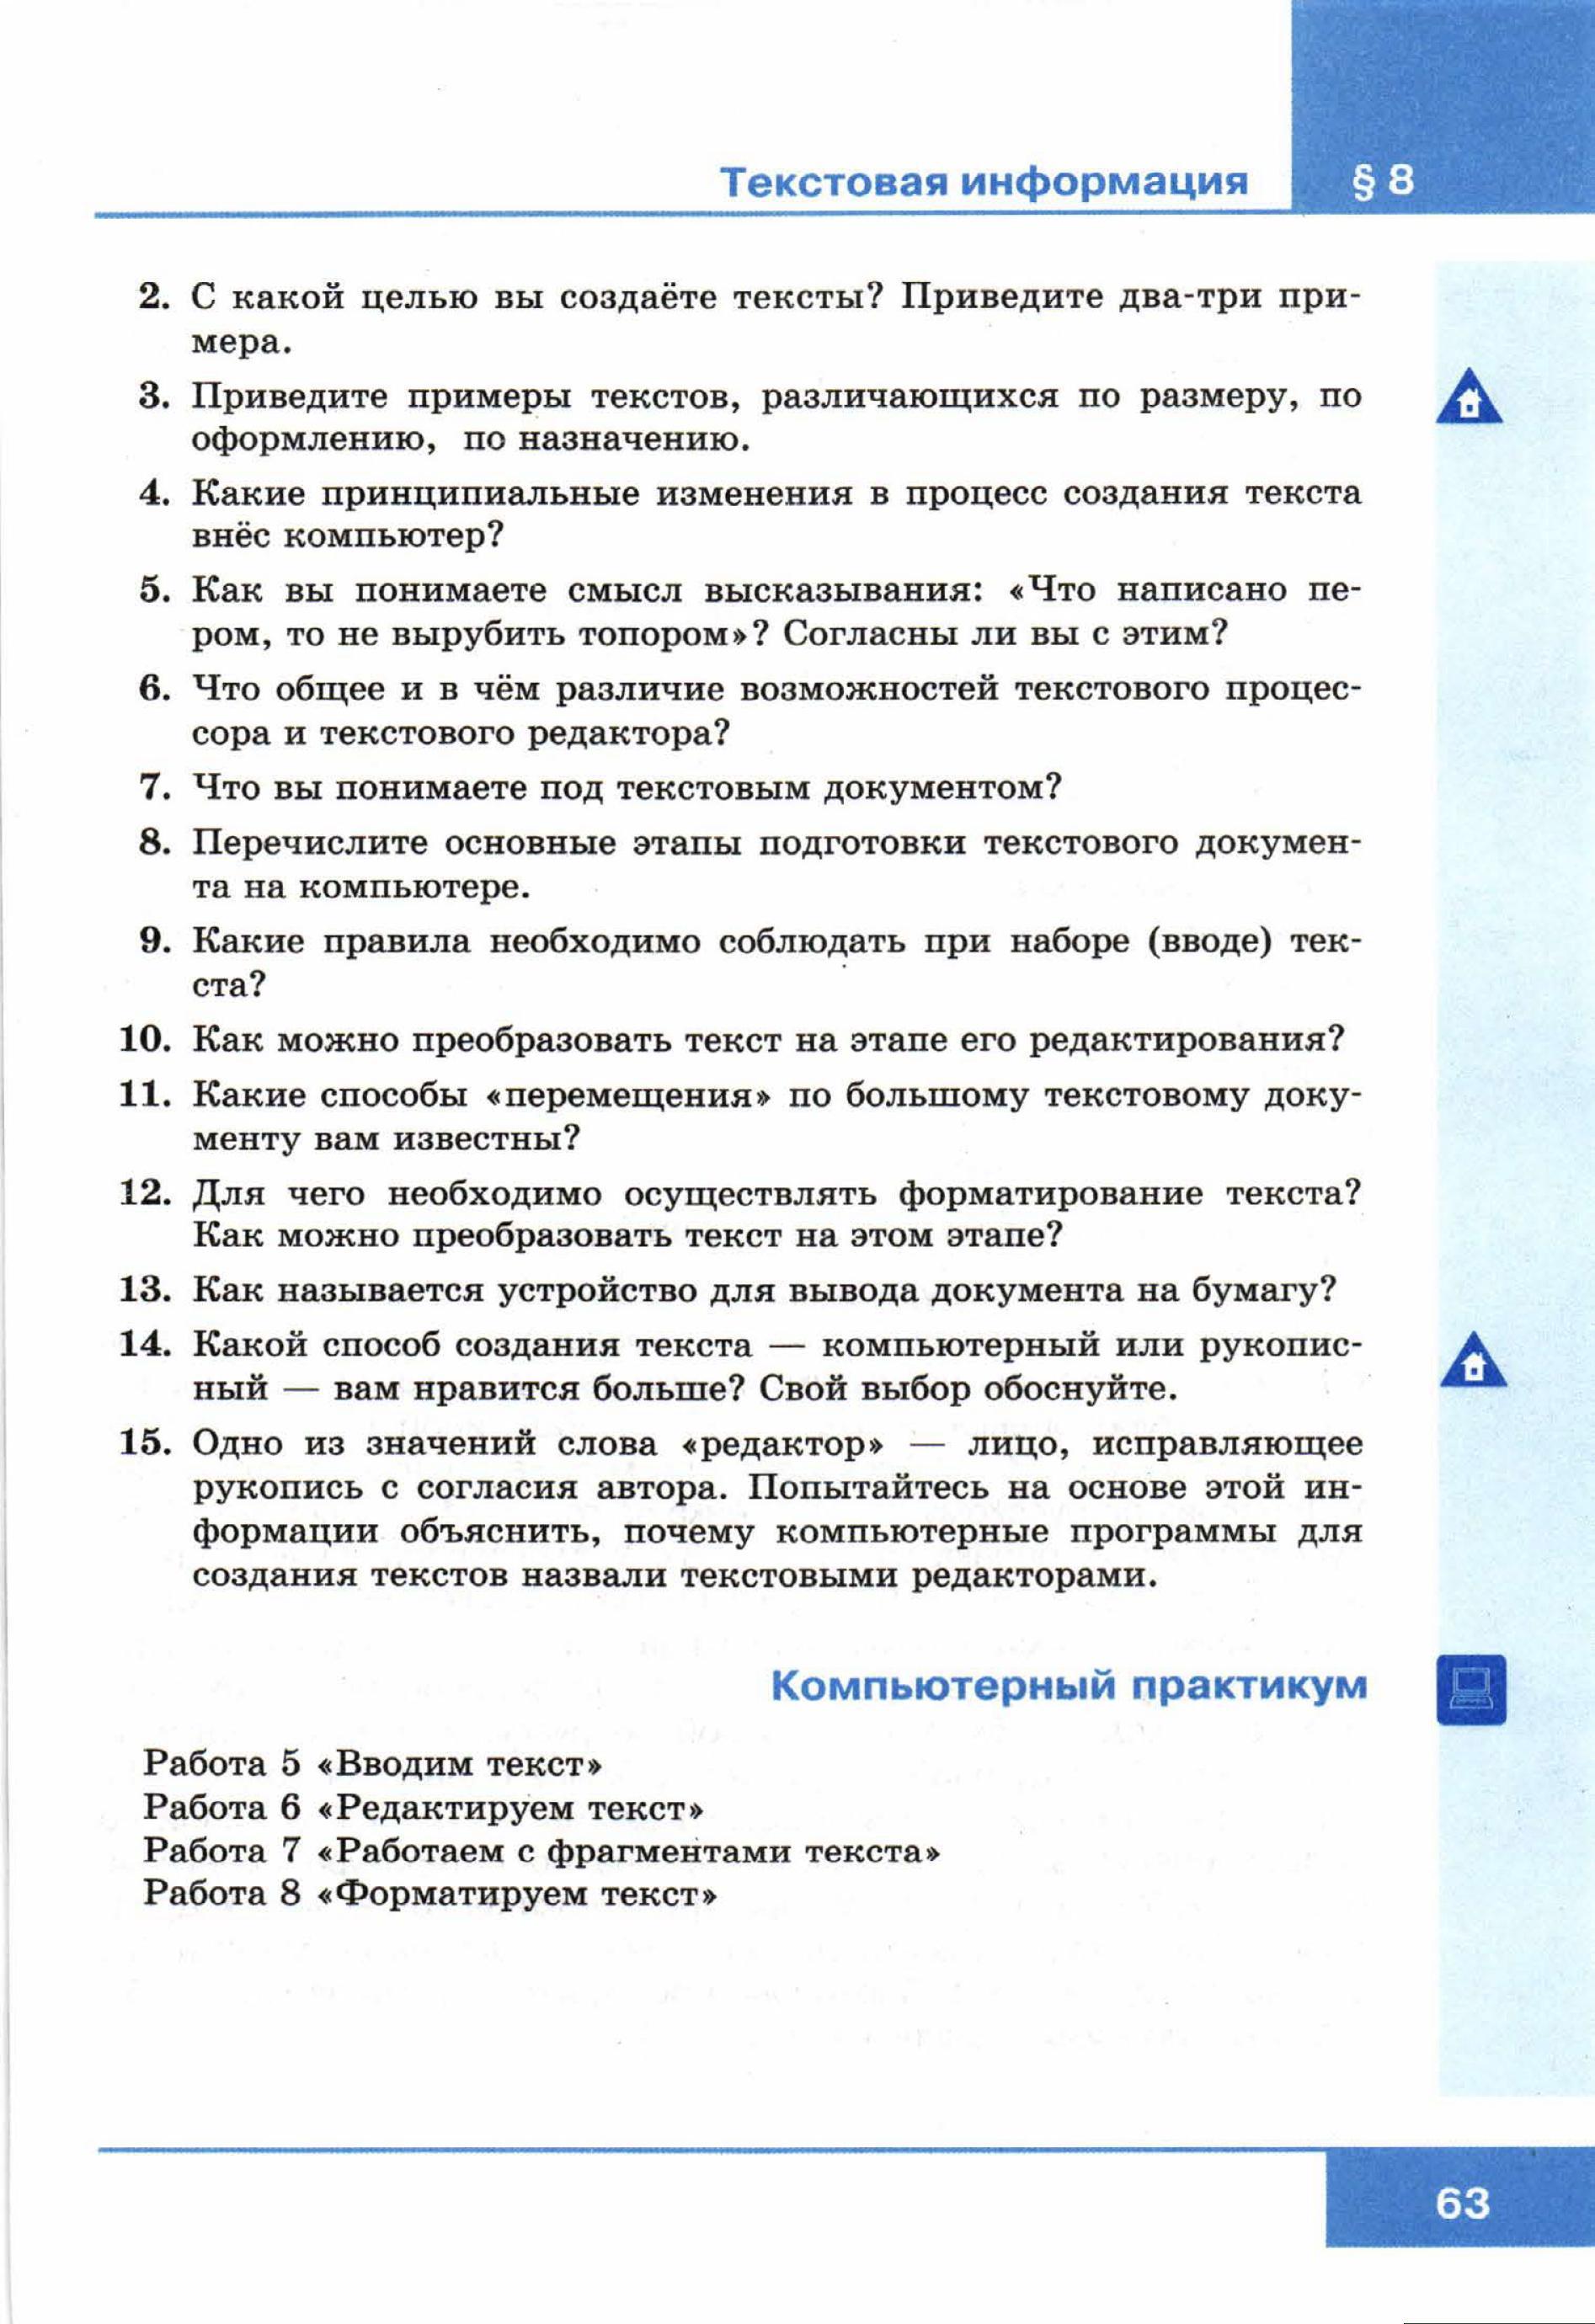 78_4- Информатика. 5 класс_Босова Л.Л_2015 -184с_01.tif